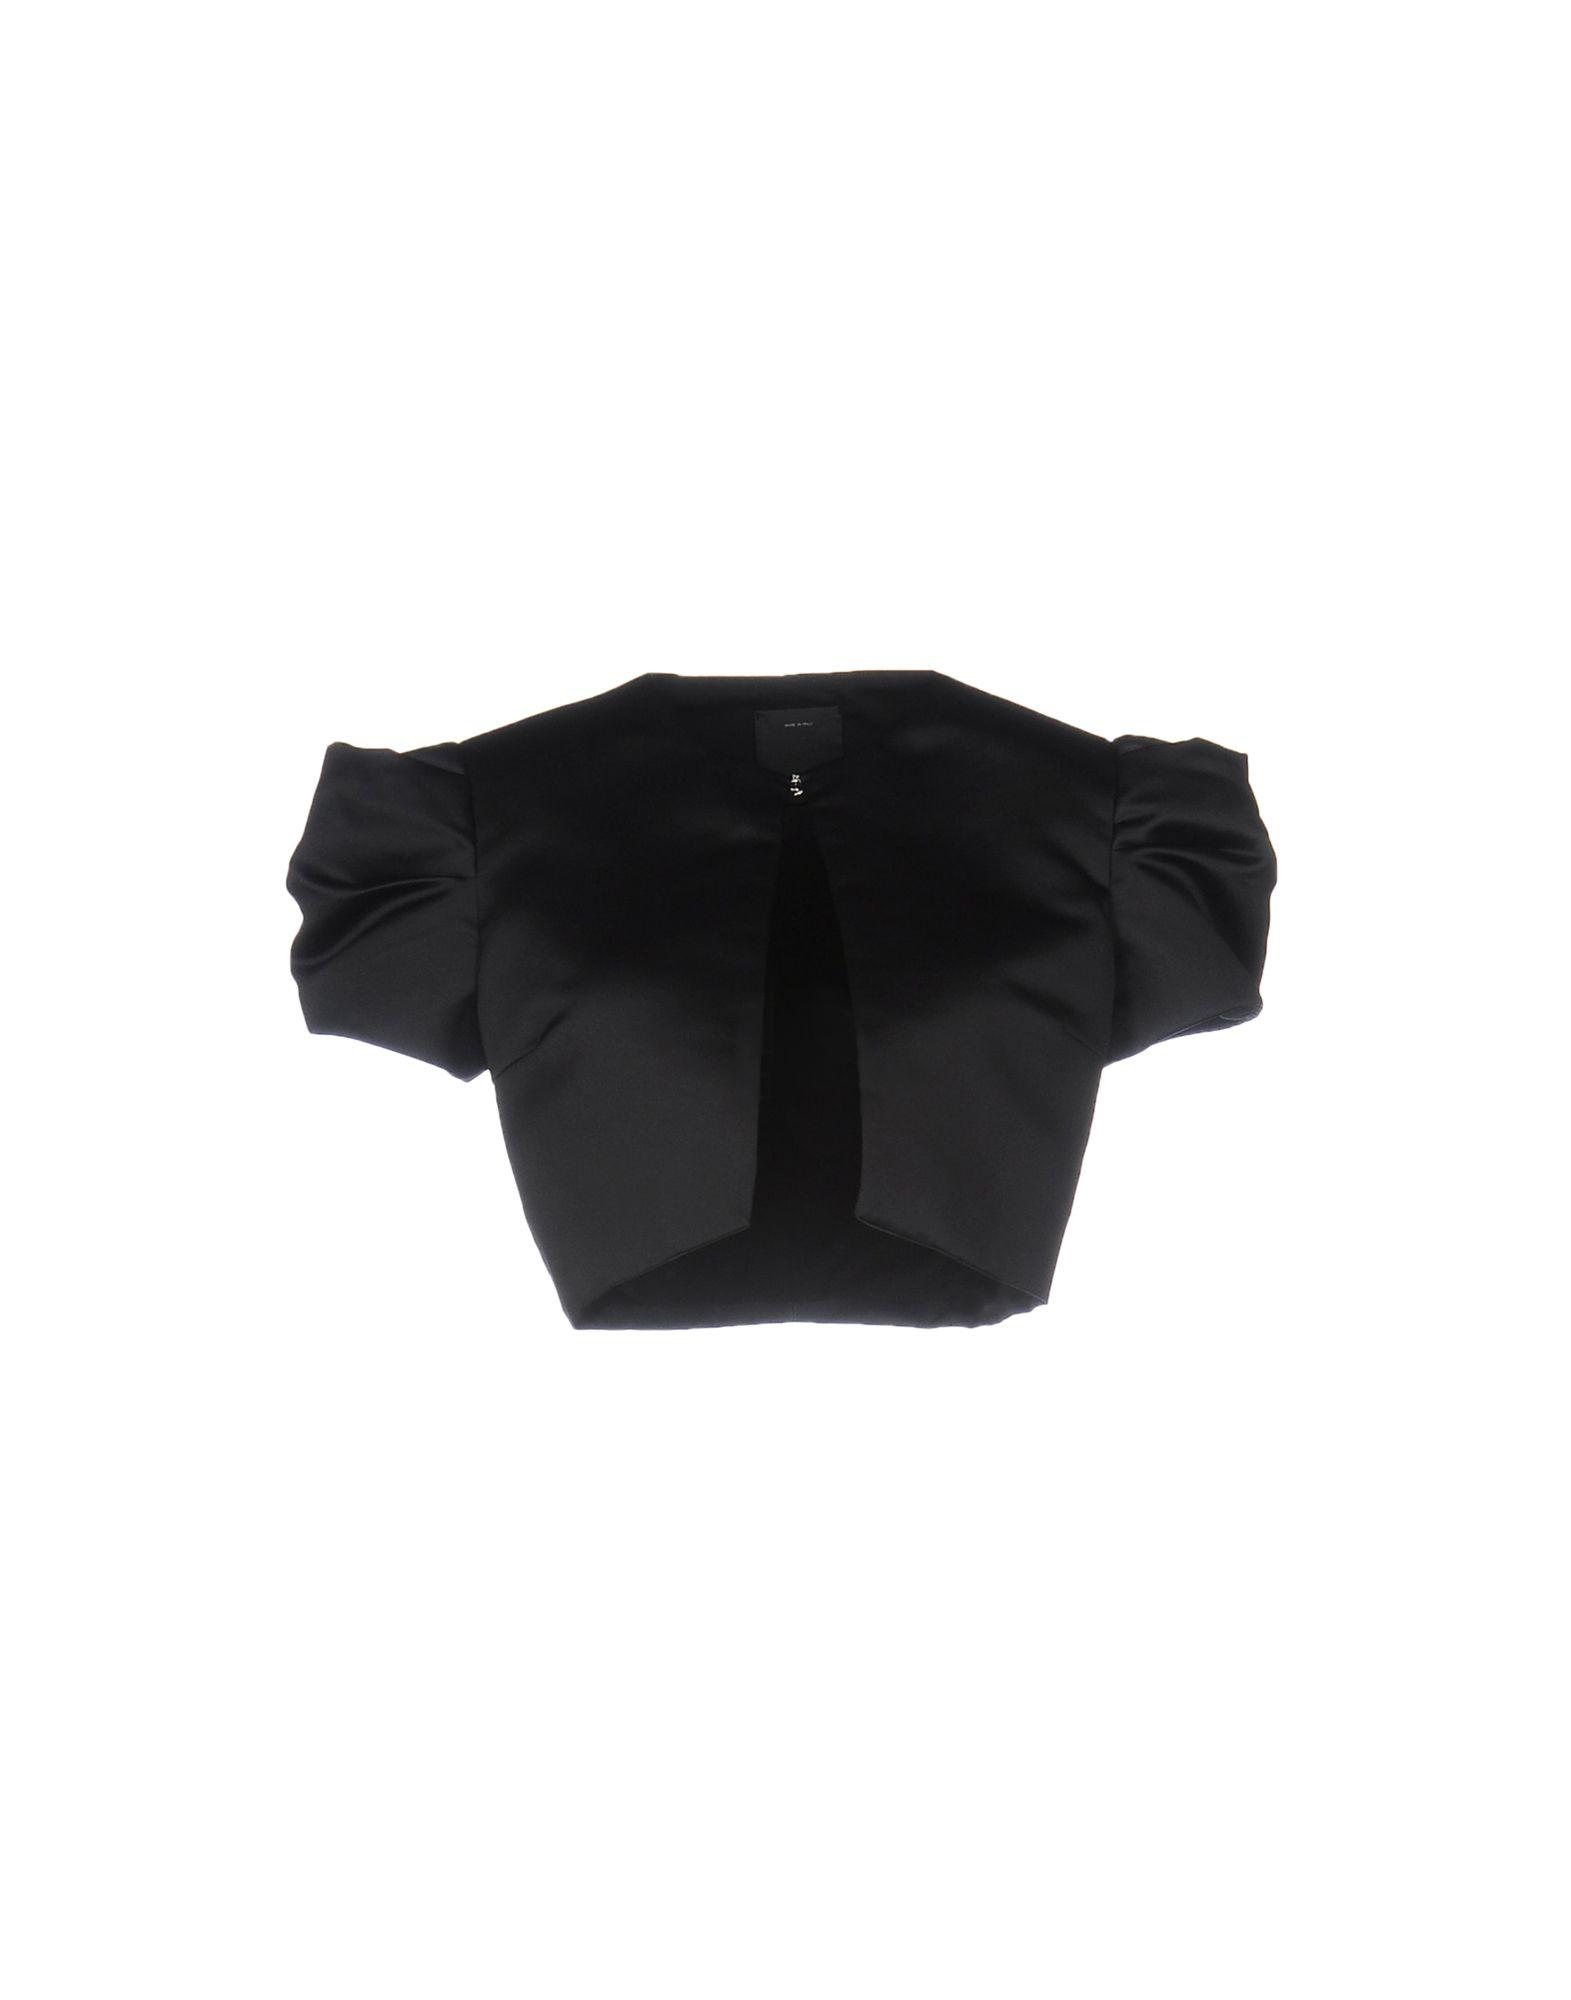 PINKO BLACK Damen Jackett Farbe Schwarz Größe 5